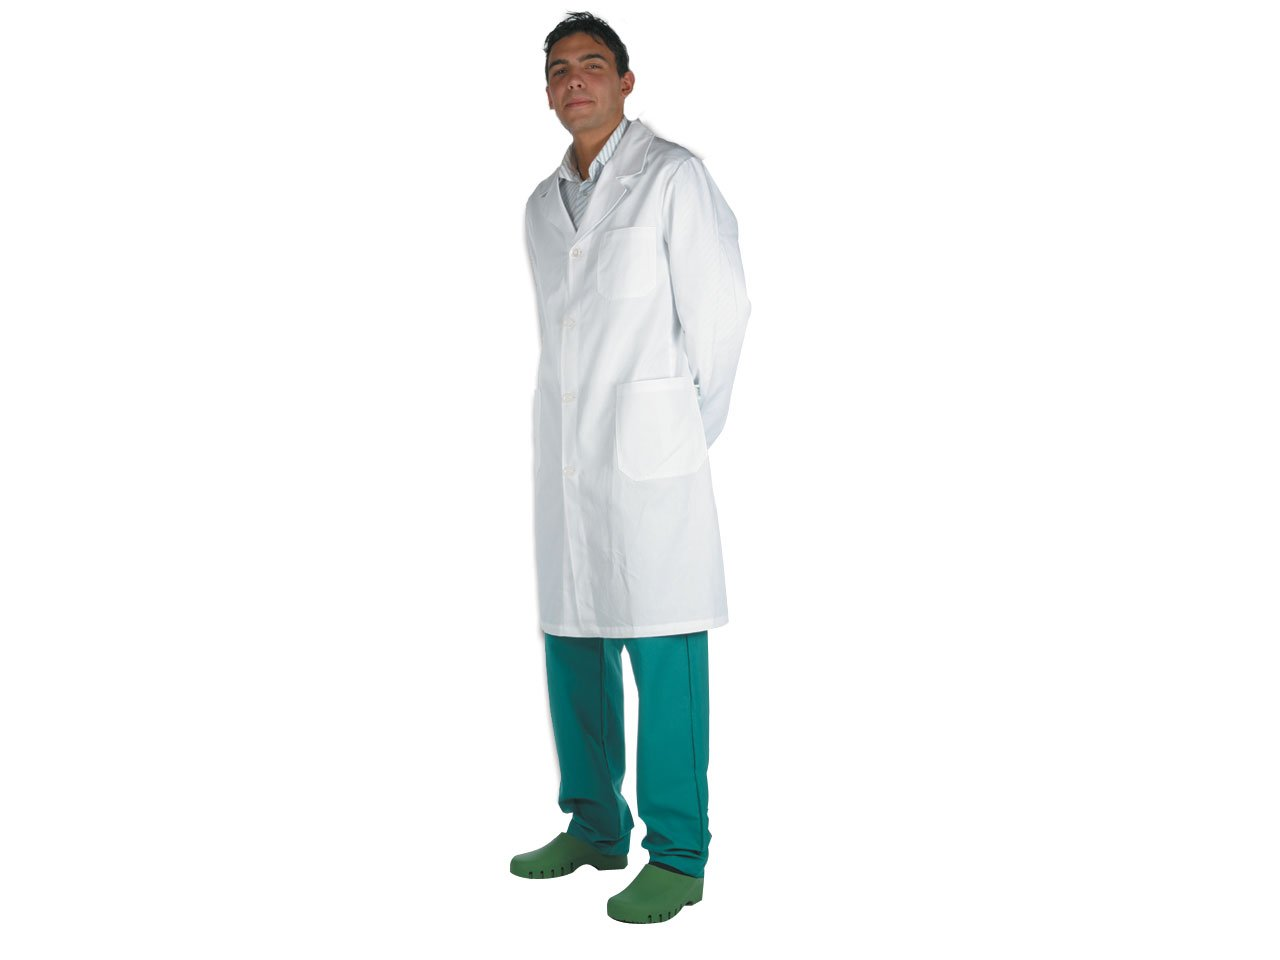 Camice Bianco, Cotone/Poliestere, Uomo, Taglia S, camice da laboratorio, medico, studente medicina, ospedale GIMA 21412